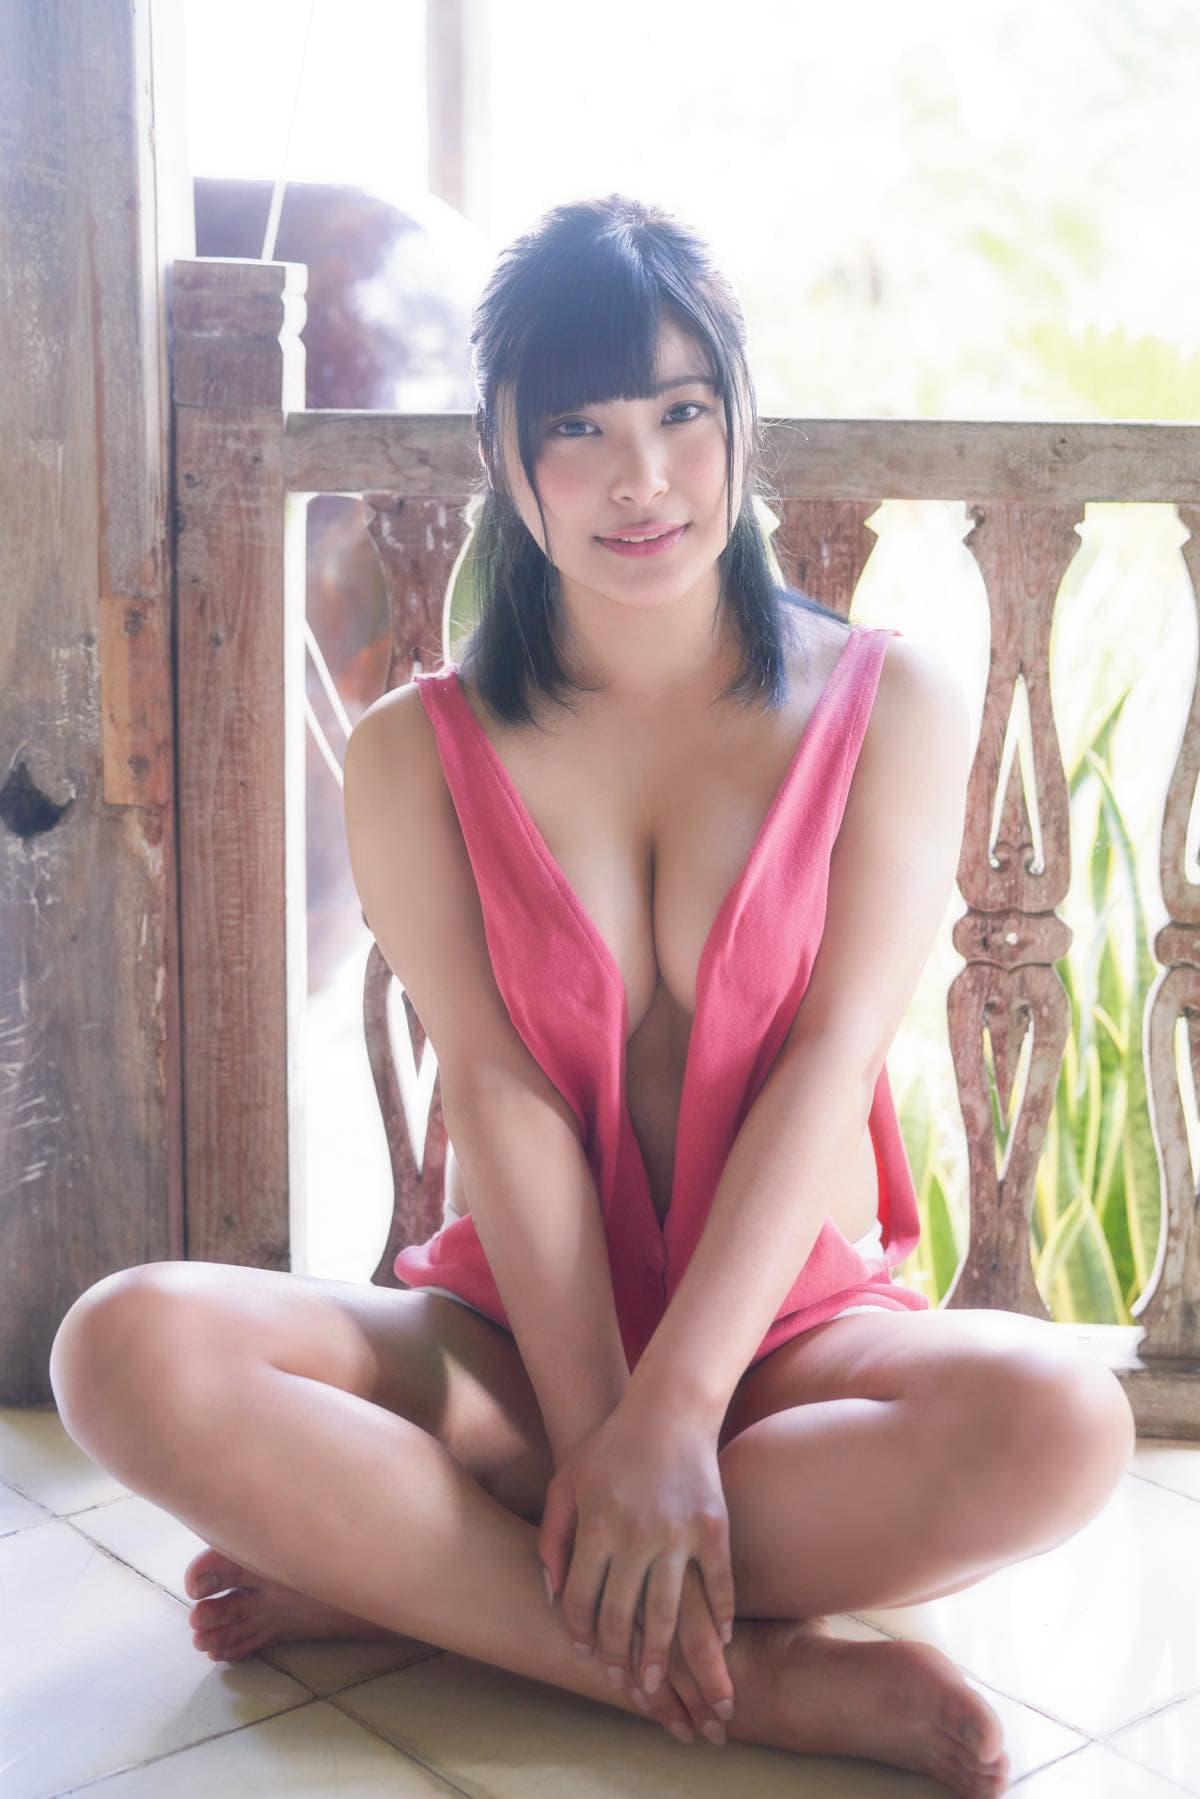 綾瀬凛「グラビアの原石」清楚系美少女がデビュー【写真10枚】の画像001